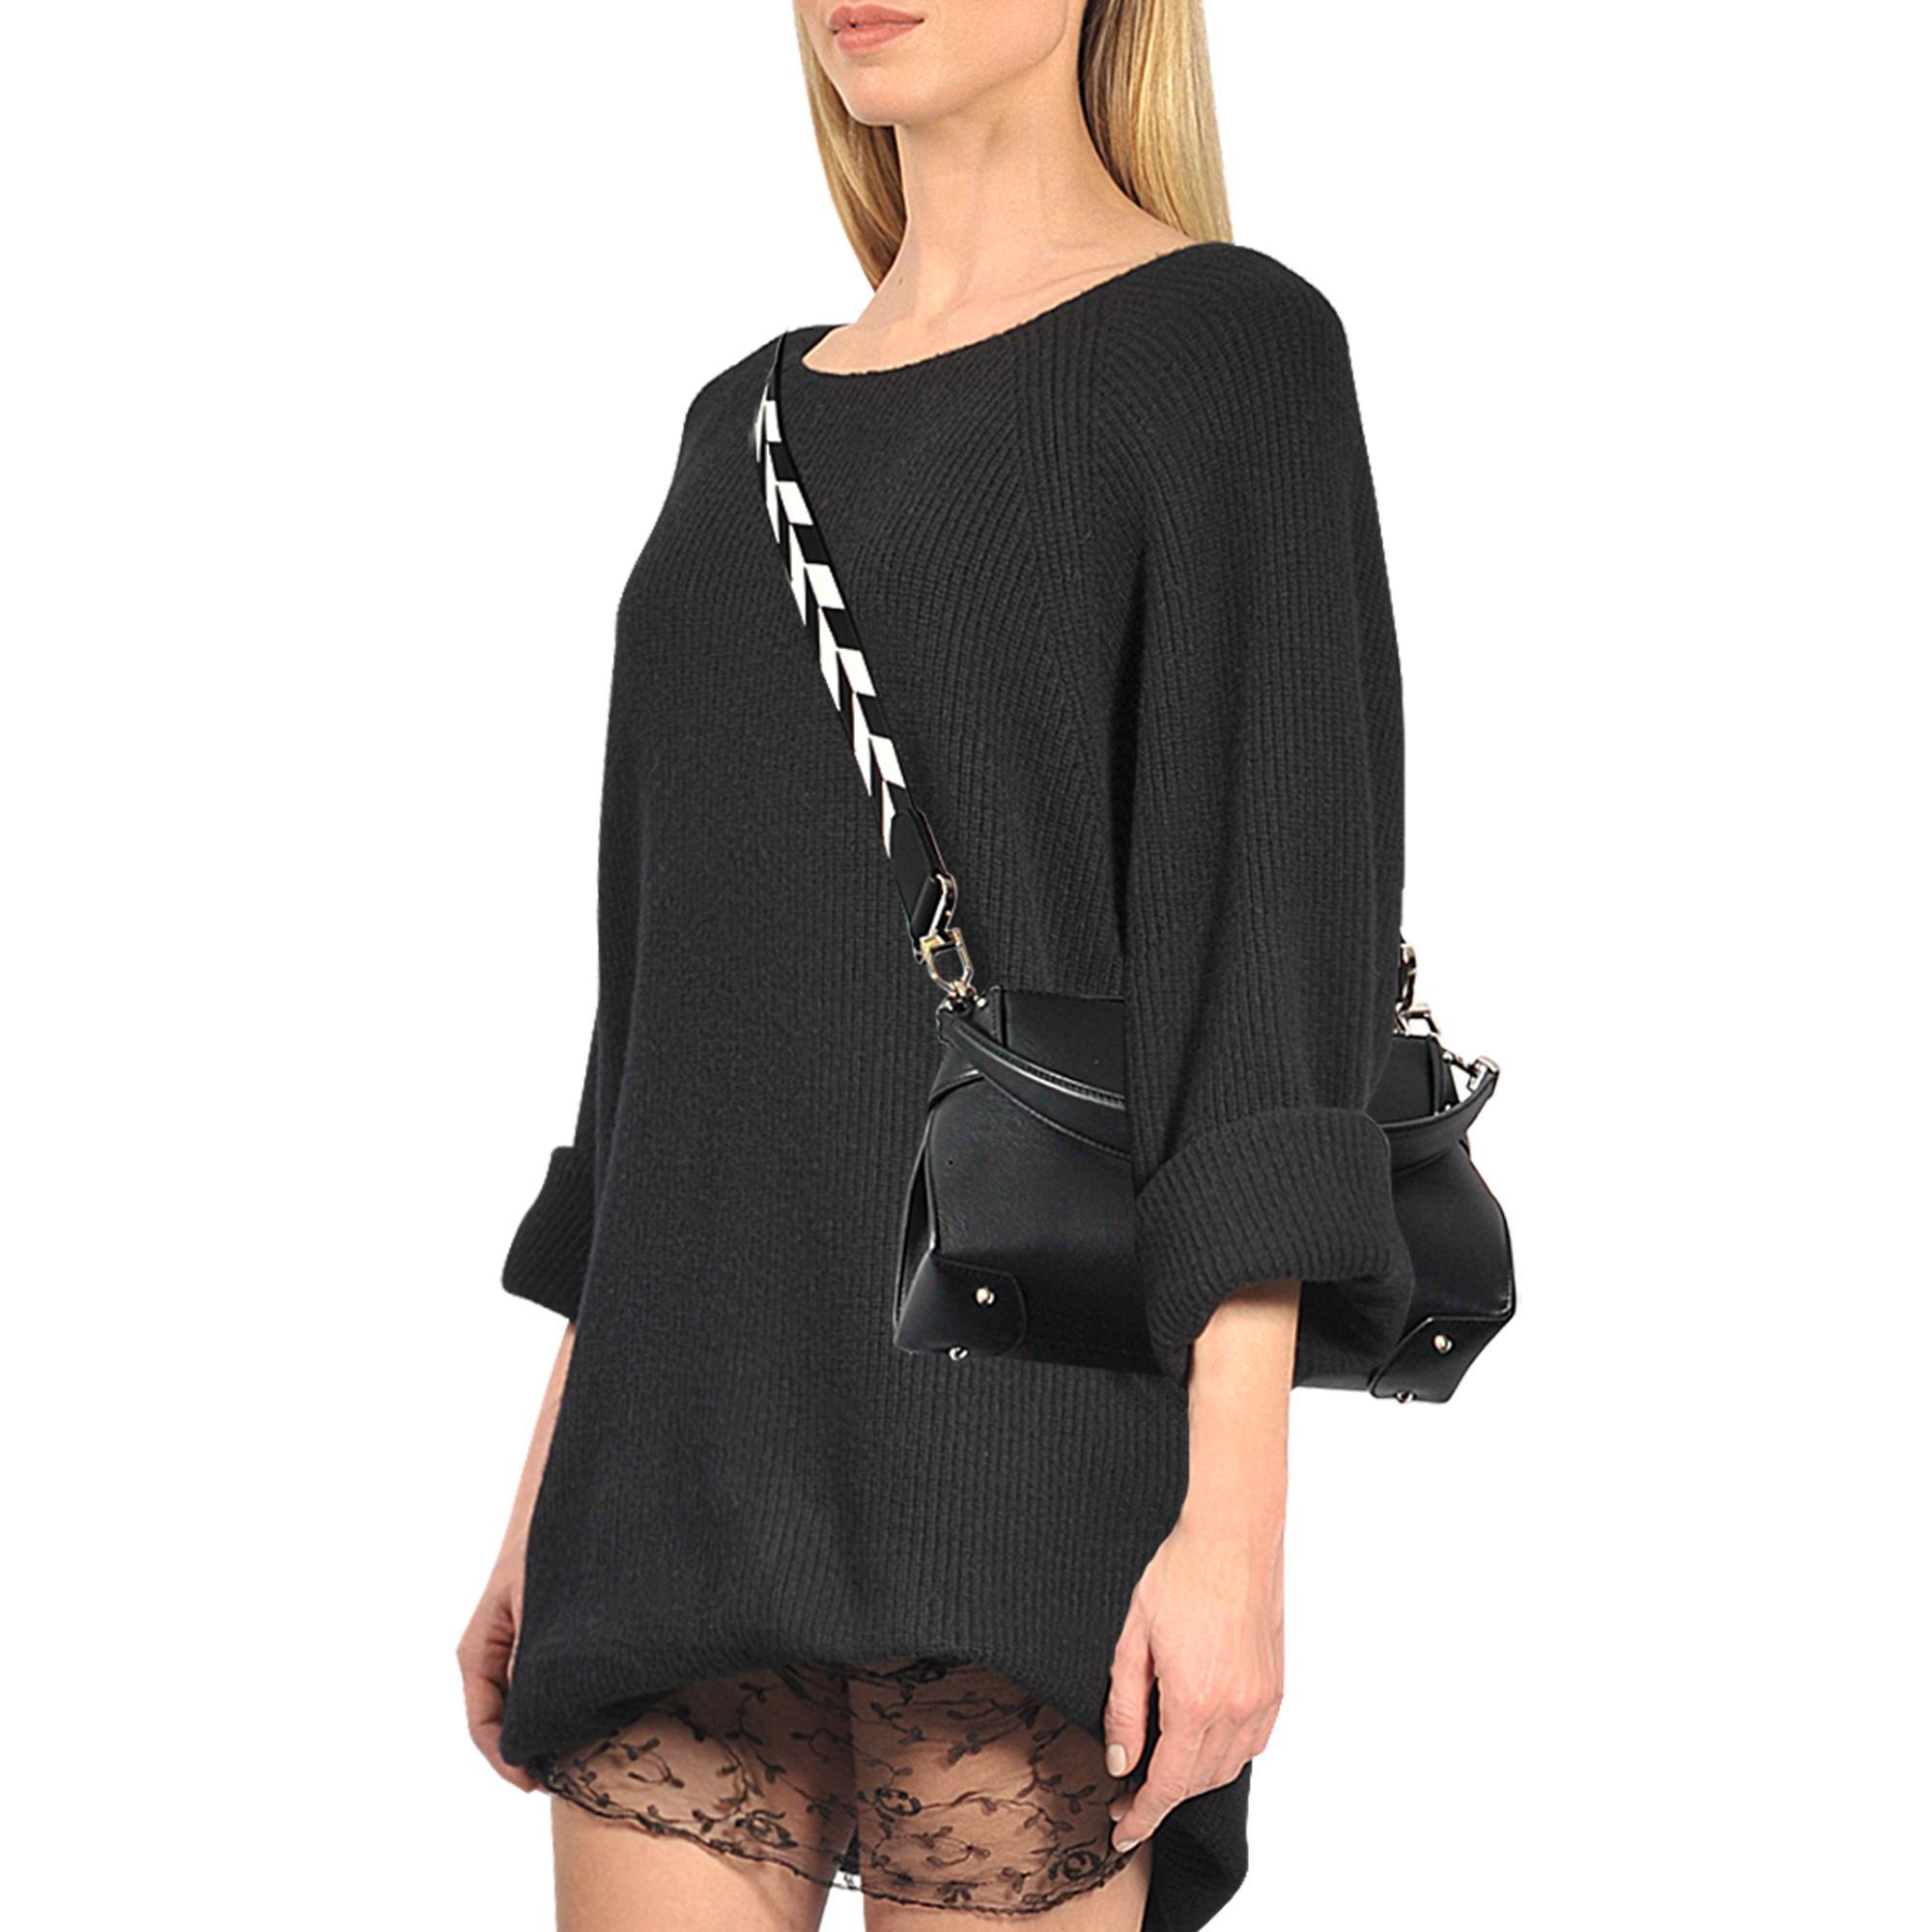 079ea8a6b261 Lyst - Michael Kors Miranda Md Top Lock Shoulder Bag in Black